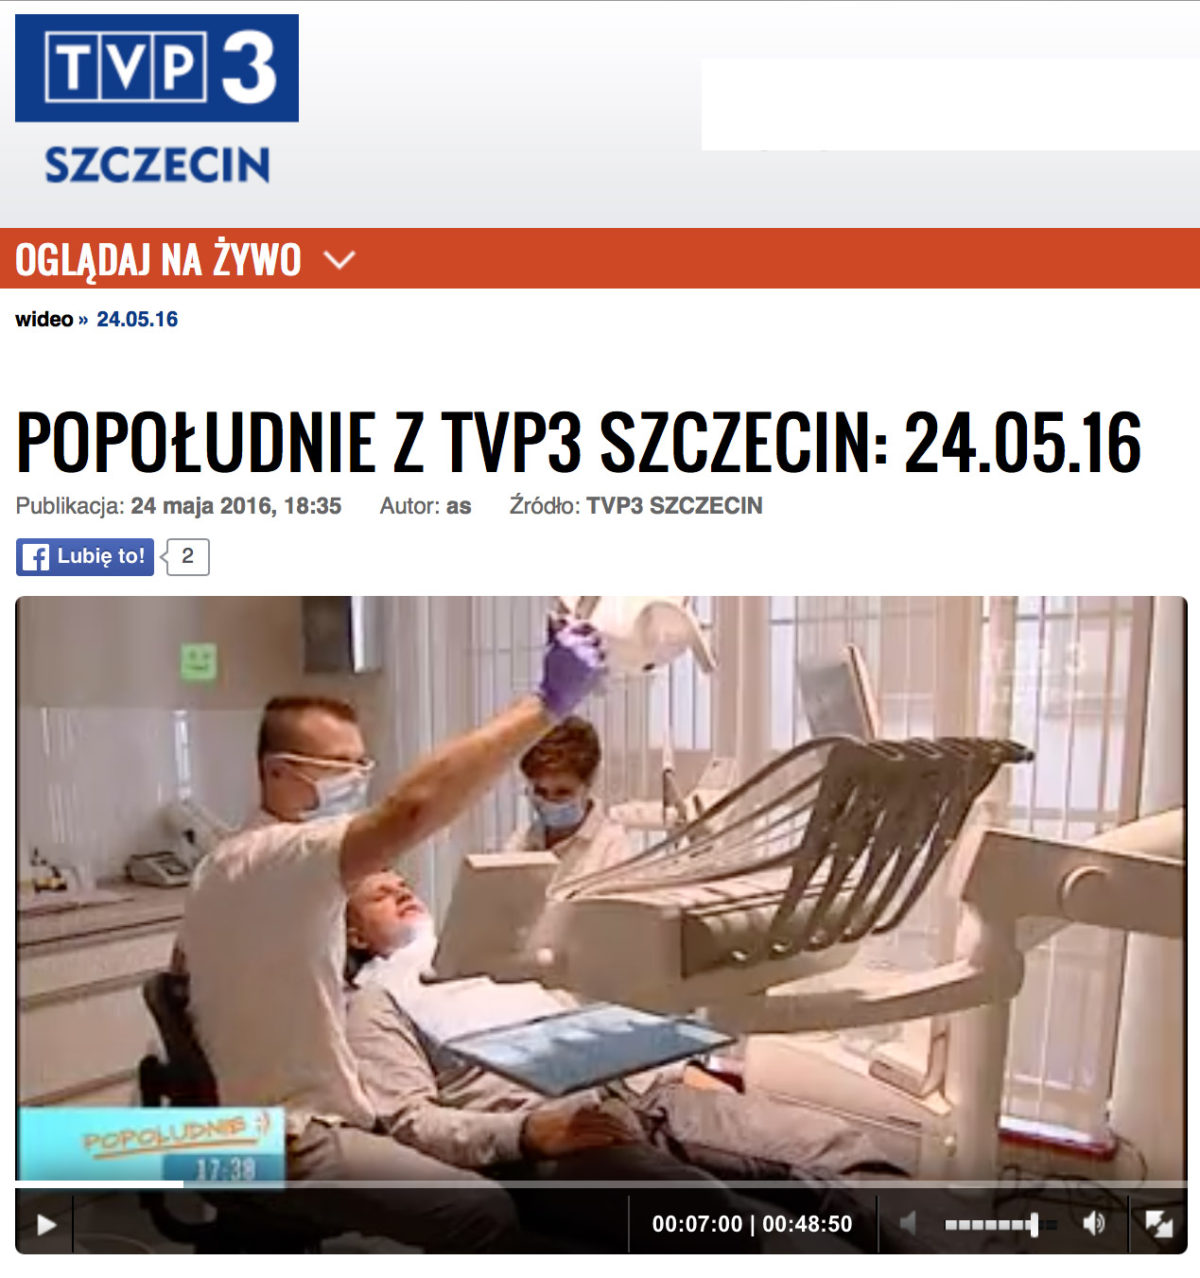 POPOŁUDNIE Z TVP3 SZCZECIN: 24.05.16